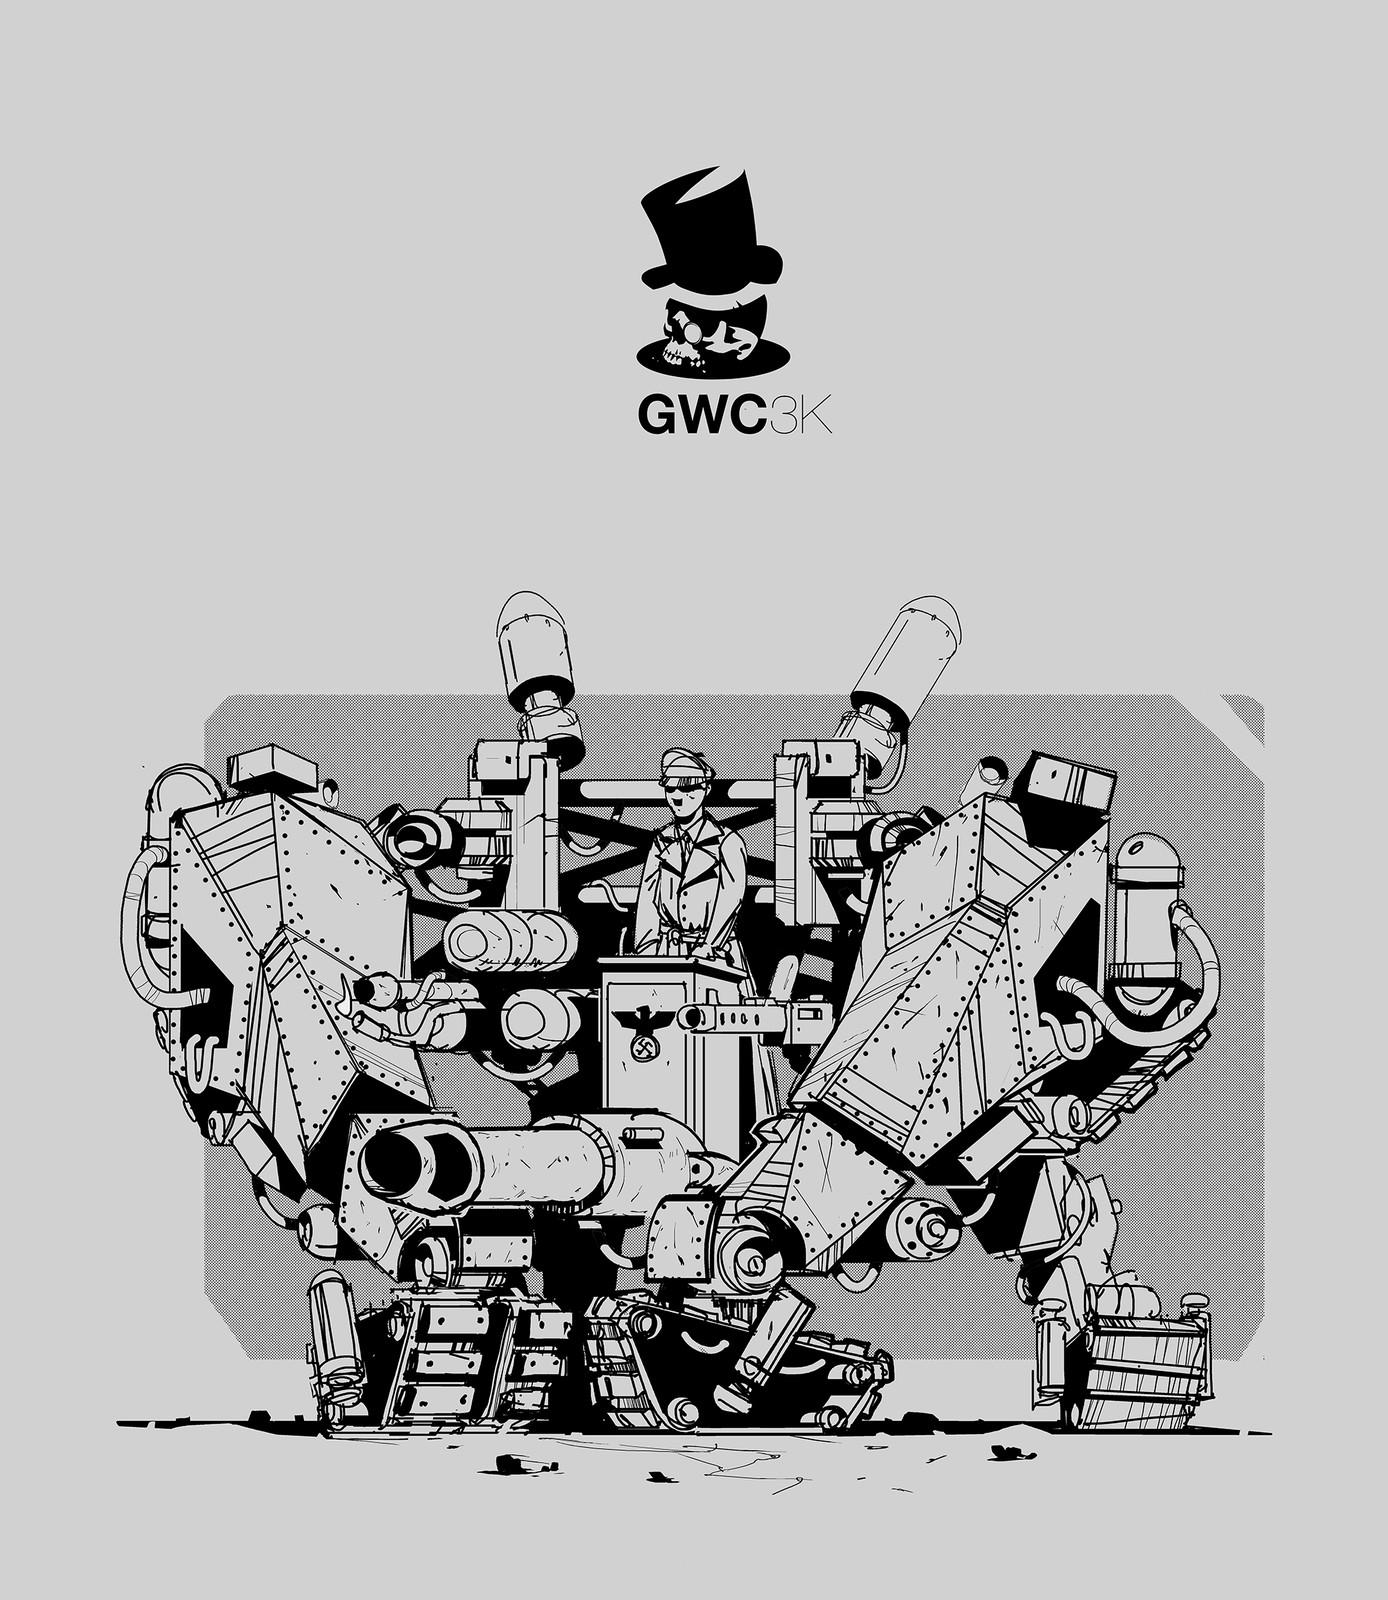 Gentlemen's Wash Club 3000 - Concept Art